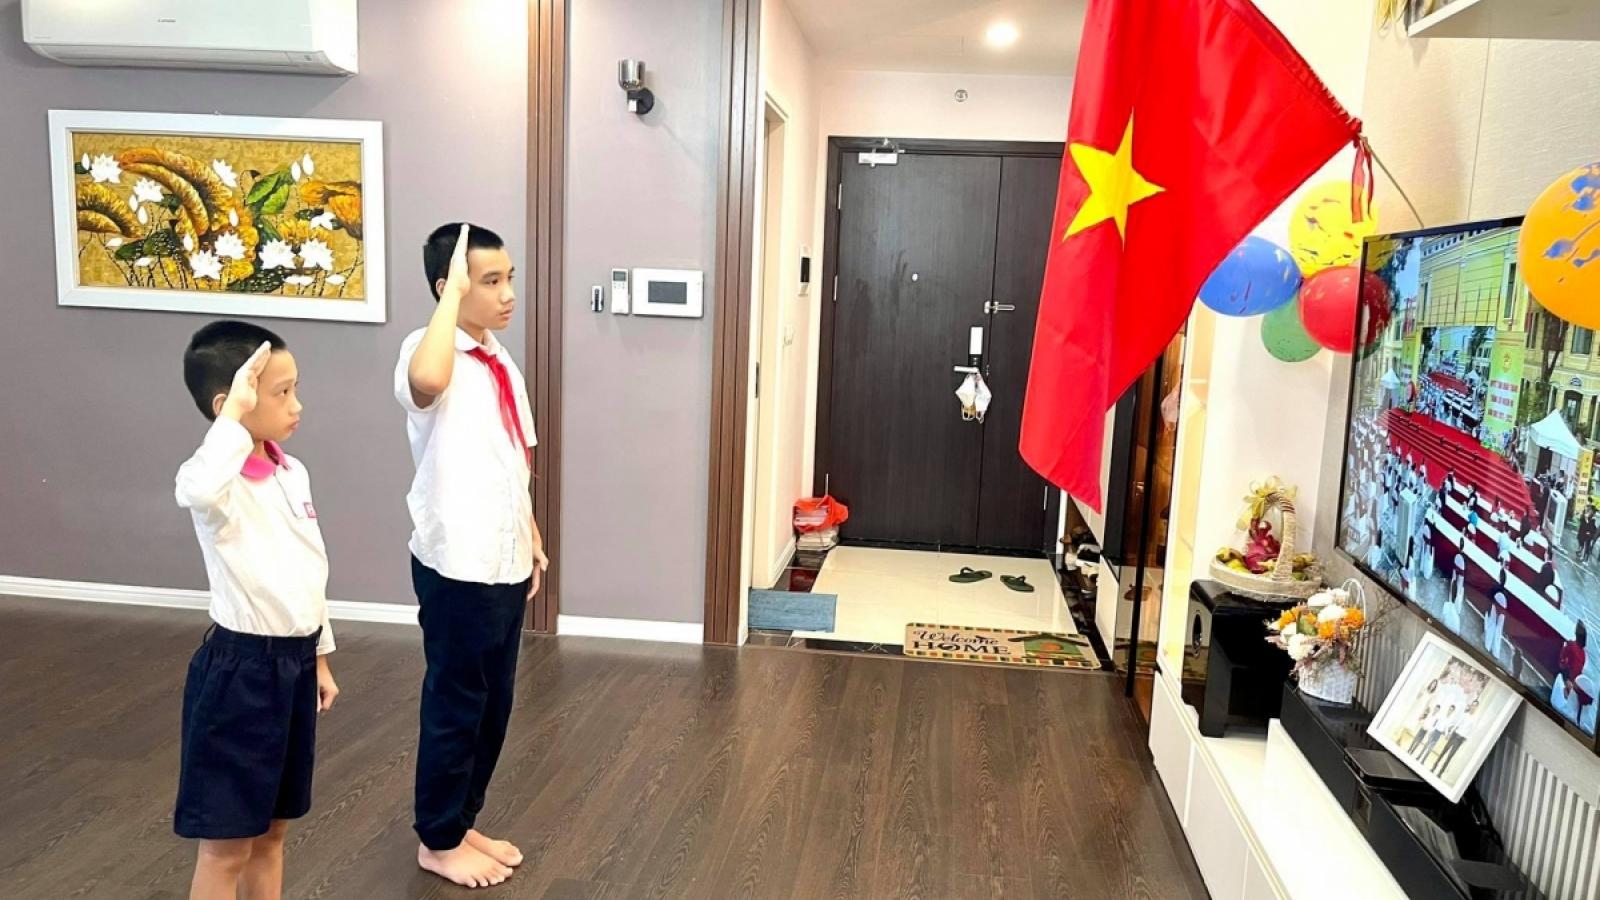 Tâm sự của Bộ trưởng Nguyễn Kim Sơn về ngày khai trường đặc biệt